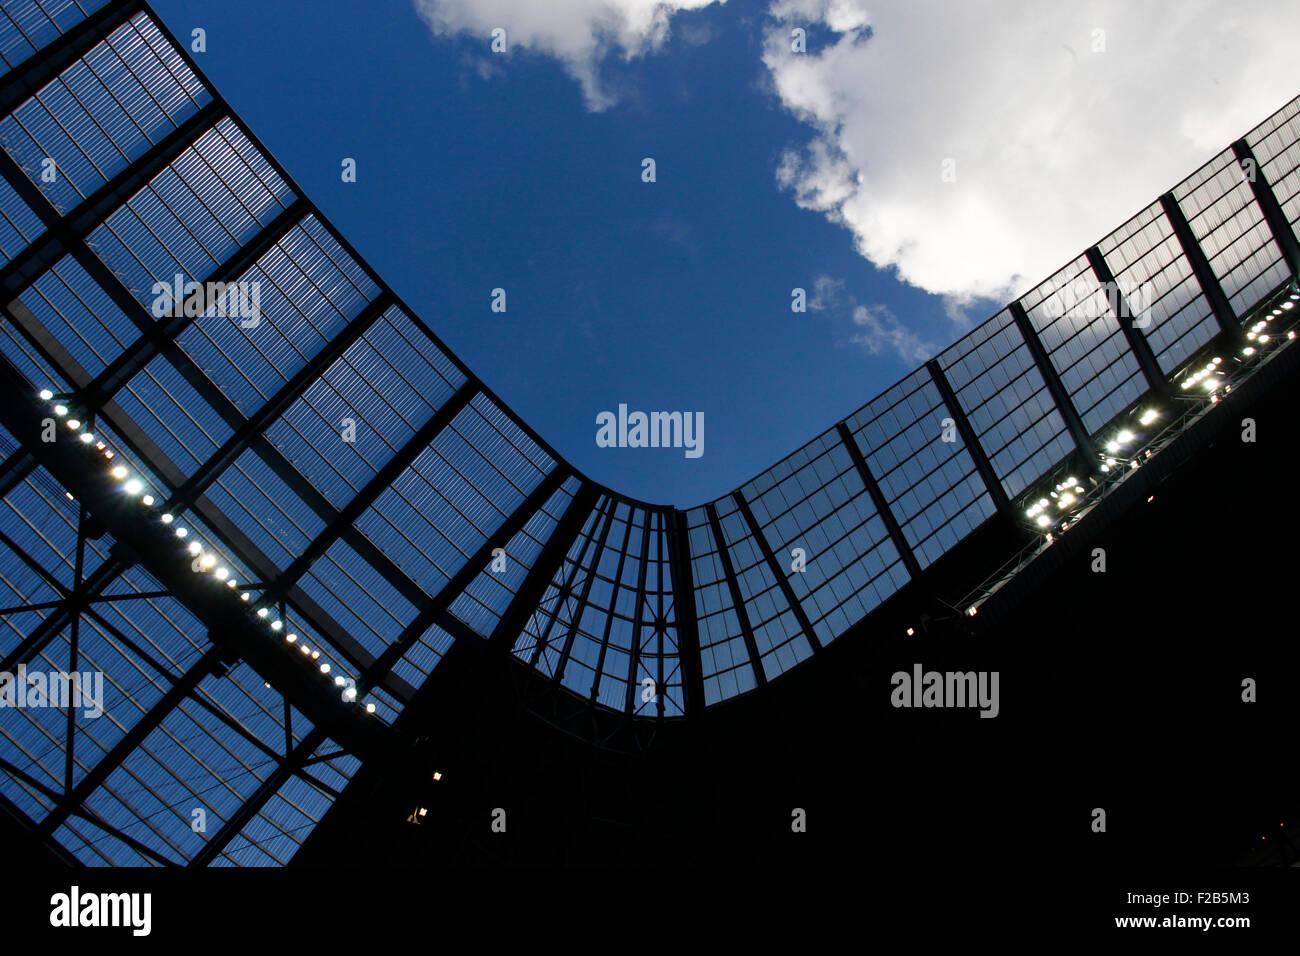 Manchester, UK. 15 Sep, 2015. La Ligue des Champions. Manchester City et la Juventus. Une vue générale Photo Stock